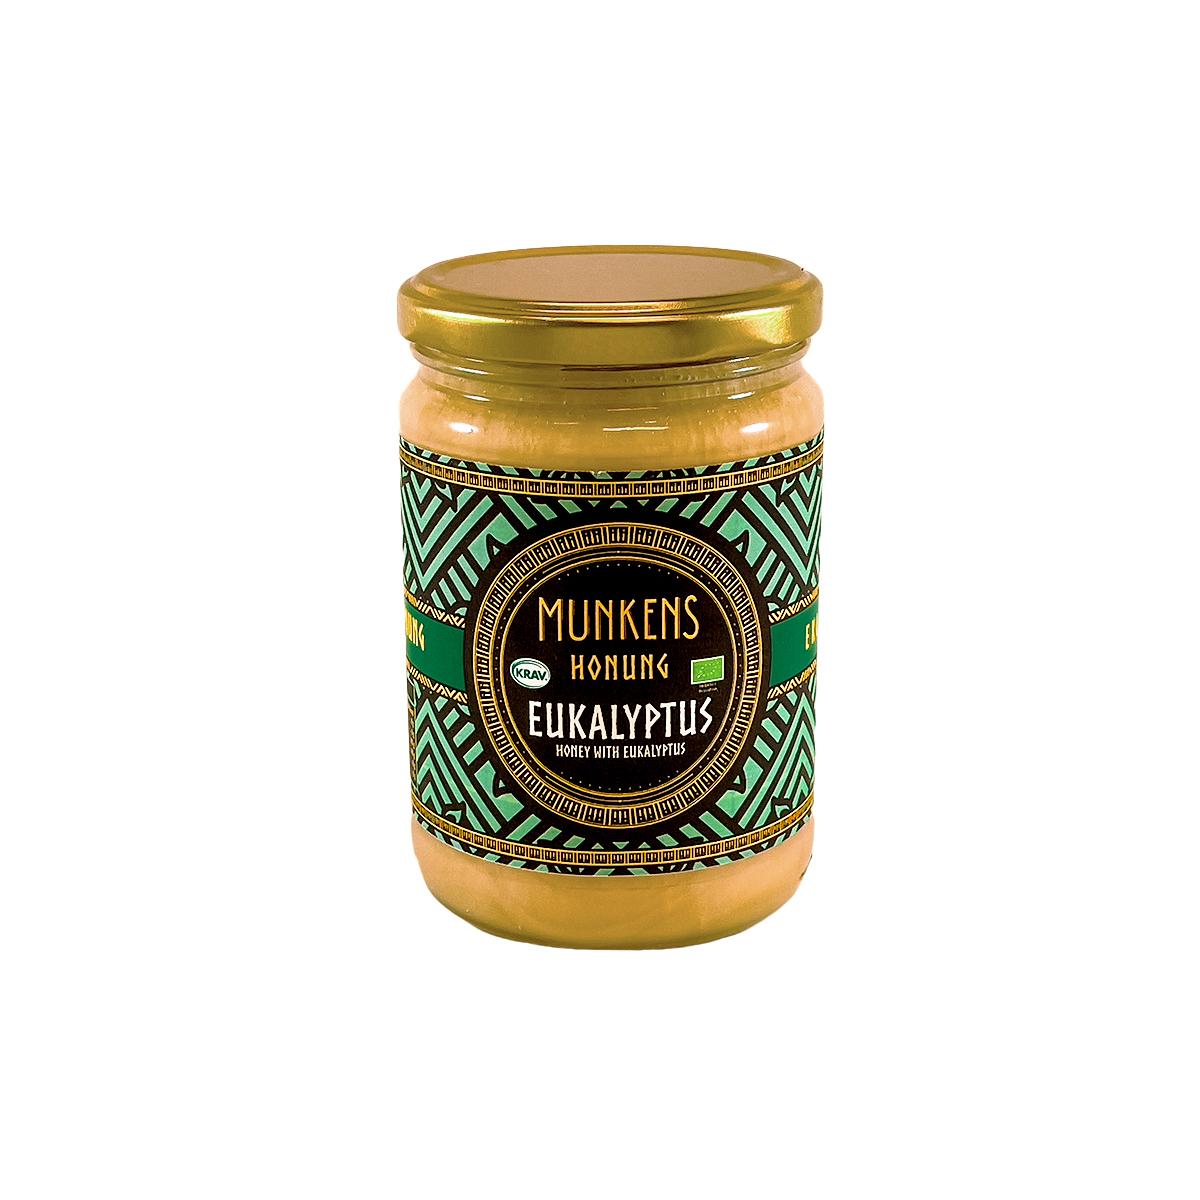 Munkens Honung – Kallrörd:Rå:Raw – Eukalyptus 500g